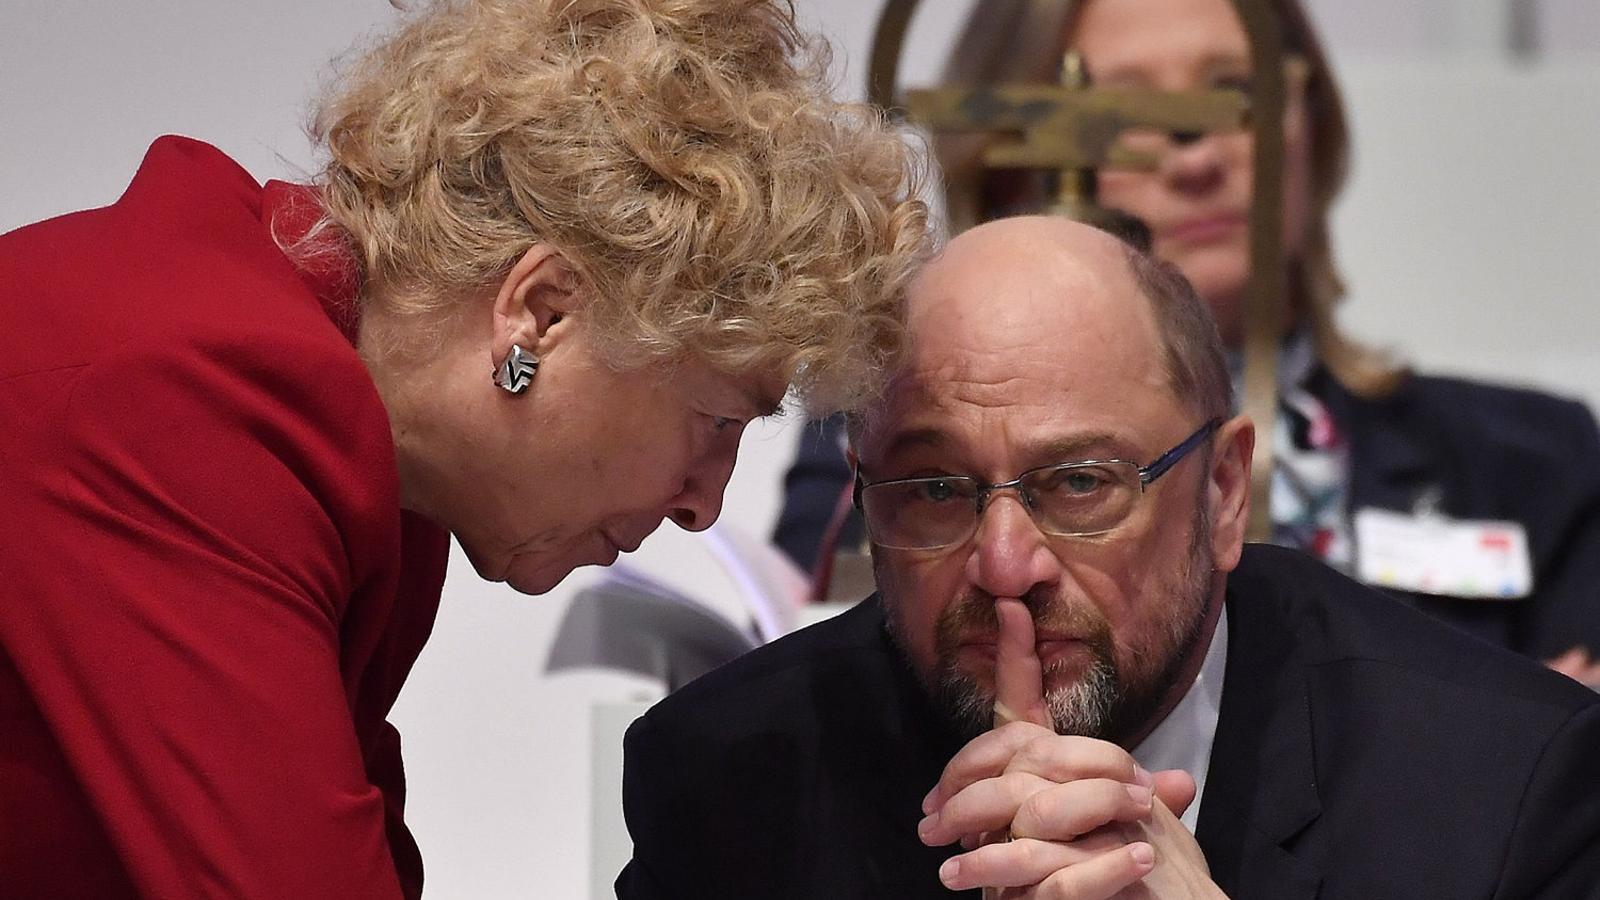 Schulz obté permís del seu partit per governar de nou amb Merkel